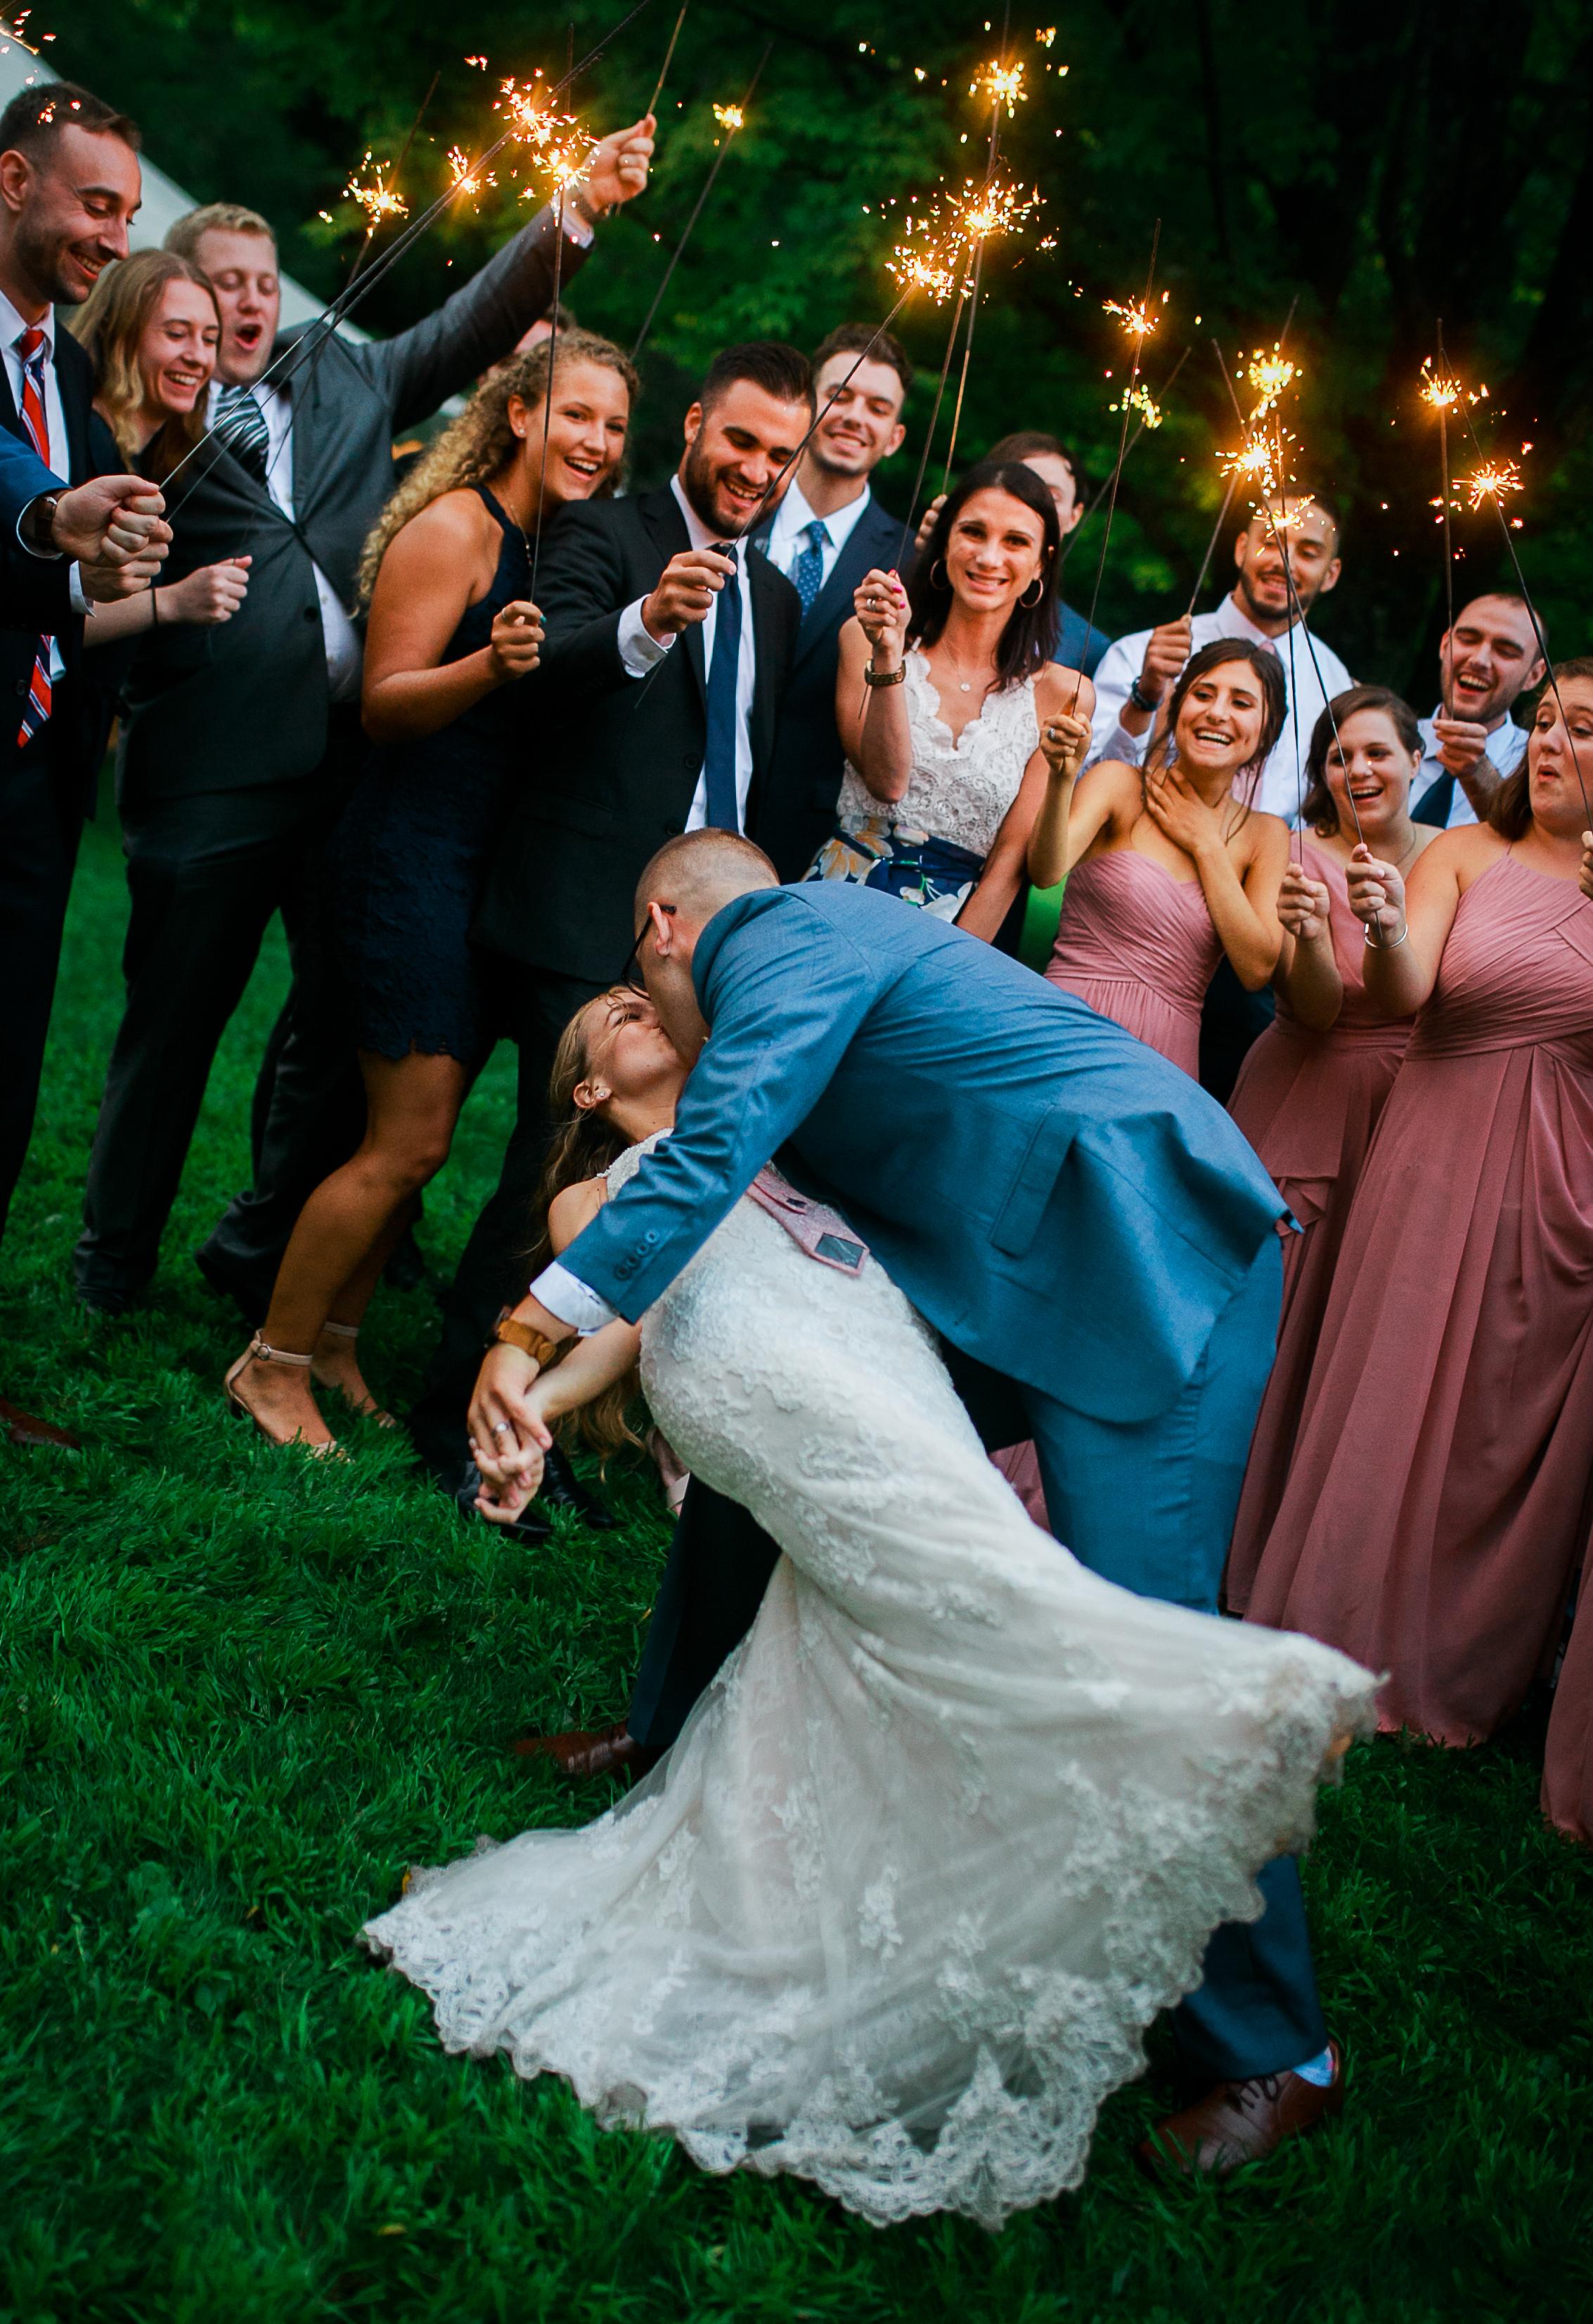 McCoy Wedding 2018 Sweet Alice Photography-1038.jpg